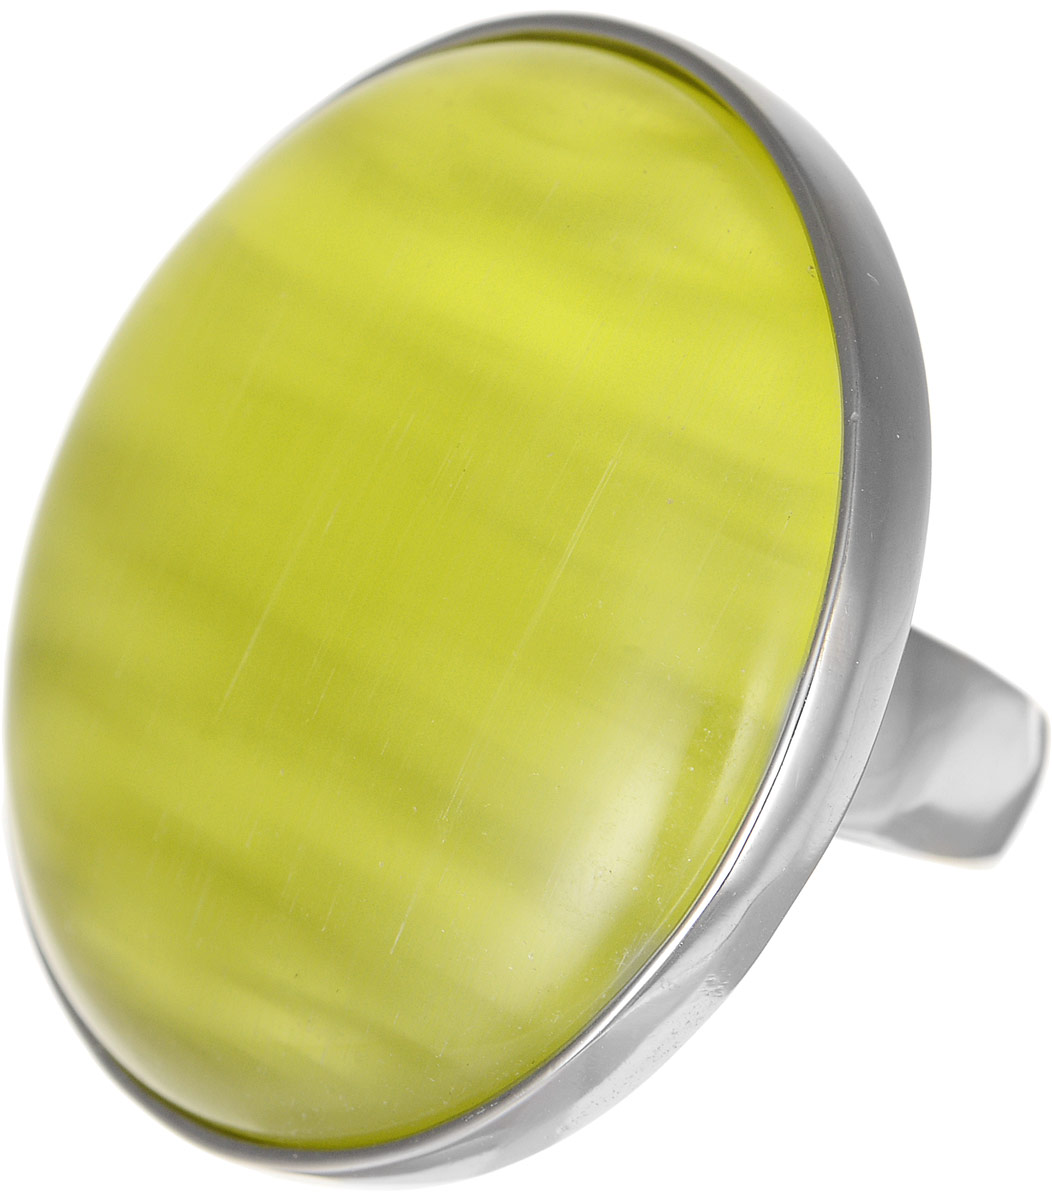 Кольцо Polina Selezneva, цвет: серебристый, желтый. DG-0021. Размер 19Коктейльное кольцоОригинальное кольцо Polina Selezneva, выполнено из металлического сплава. Декоративная часть оформлена в форме круга. Изделие украшено искусственным камнем. Такое кольцо это блестящее завершение вашего неповторимого и смелого образа и отличный подарок для ценительницы необычных украшений!